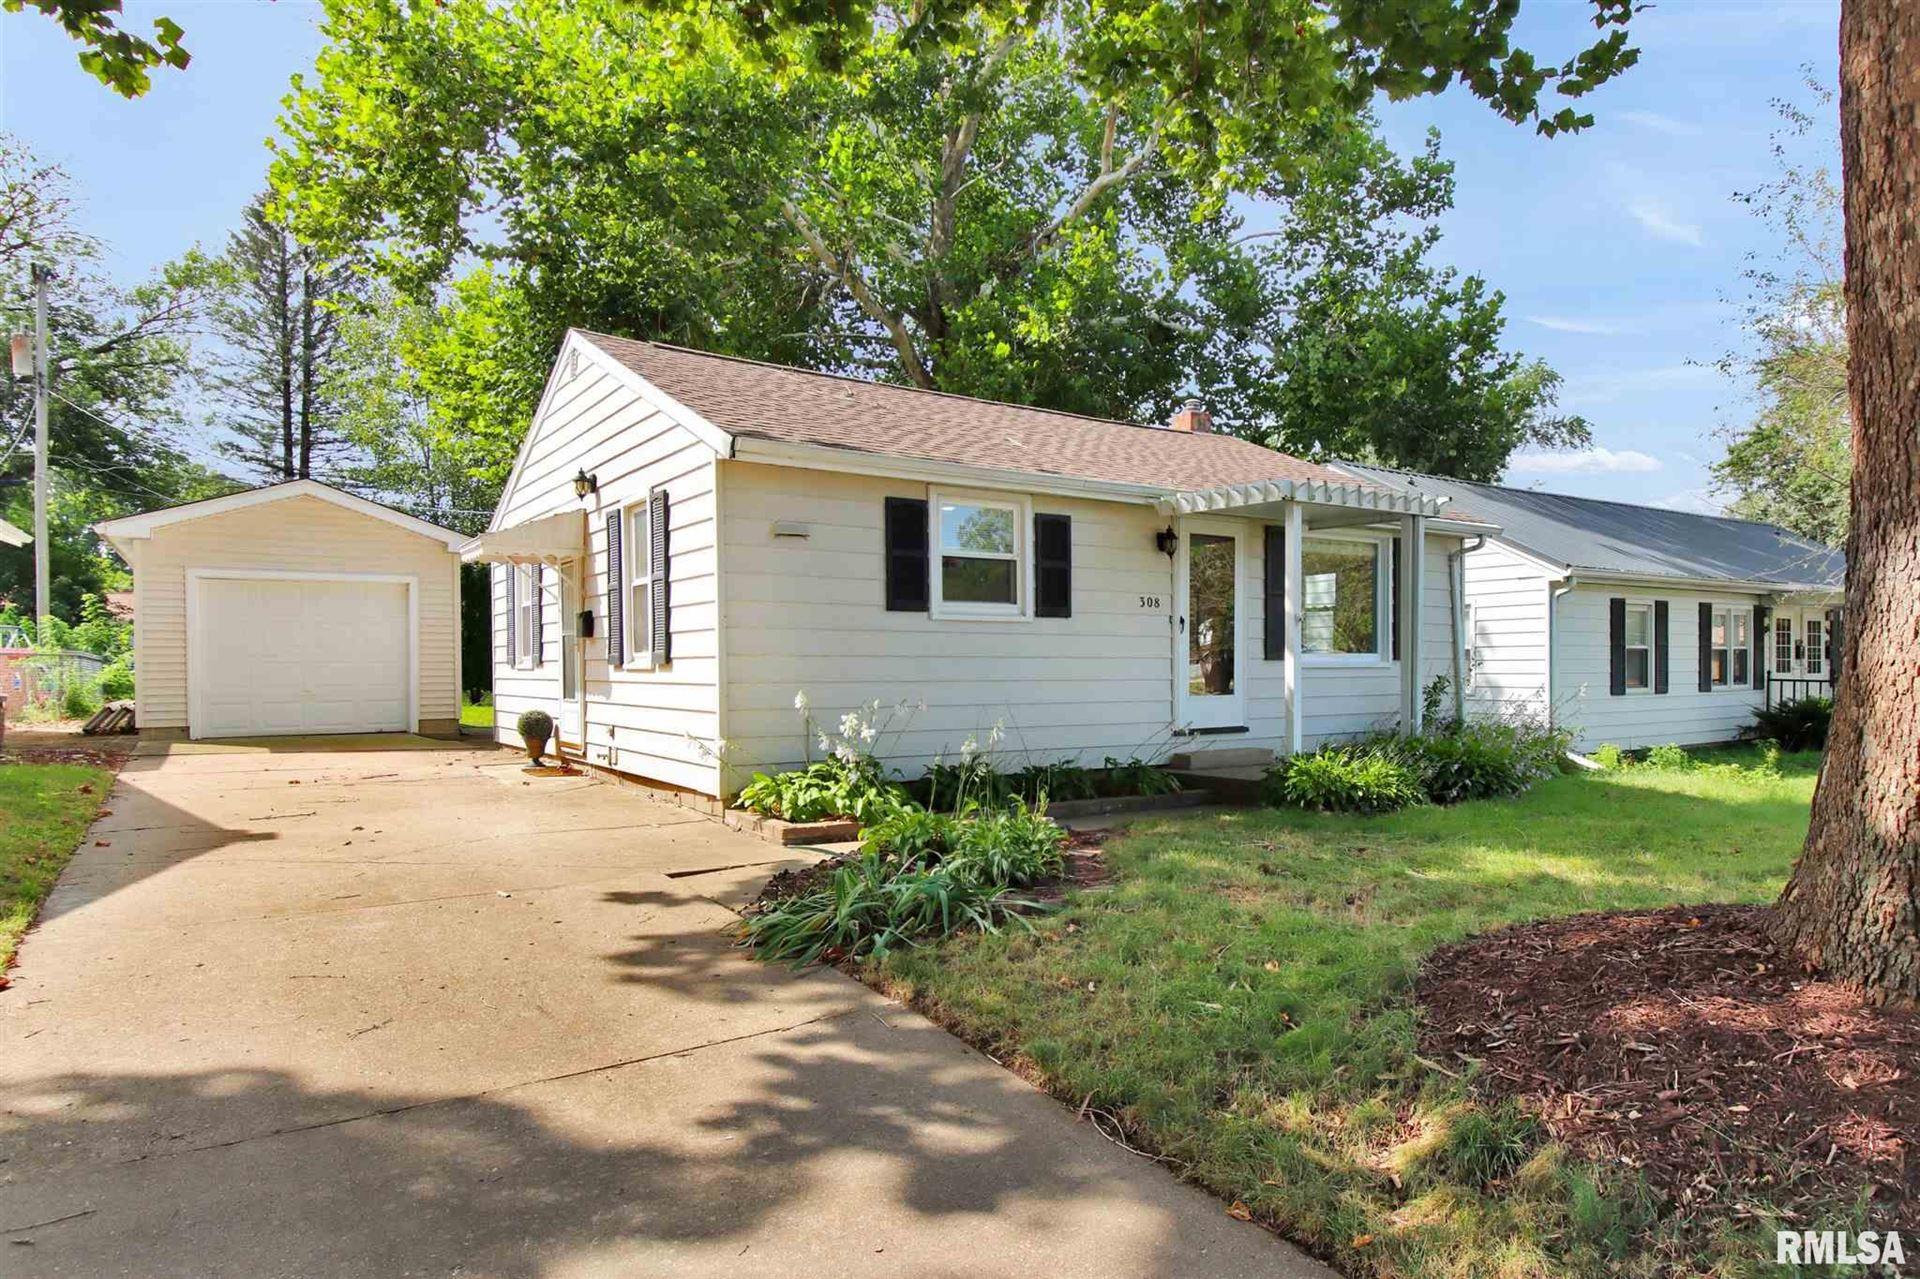 308 E EDGEWOOD, Morton, IL 61550 - MLS#: PA1228395